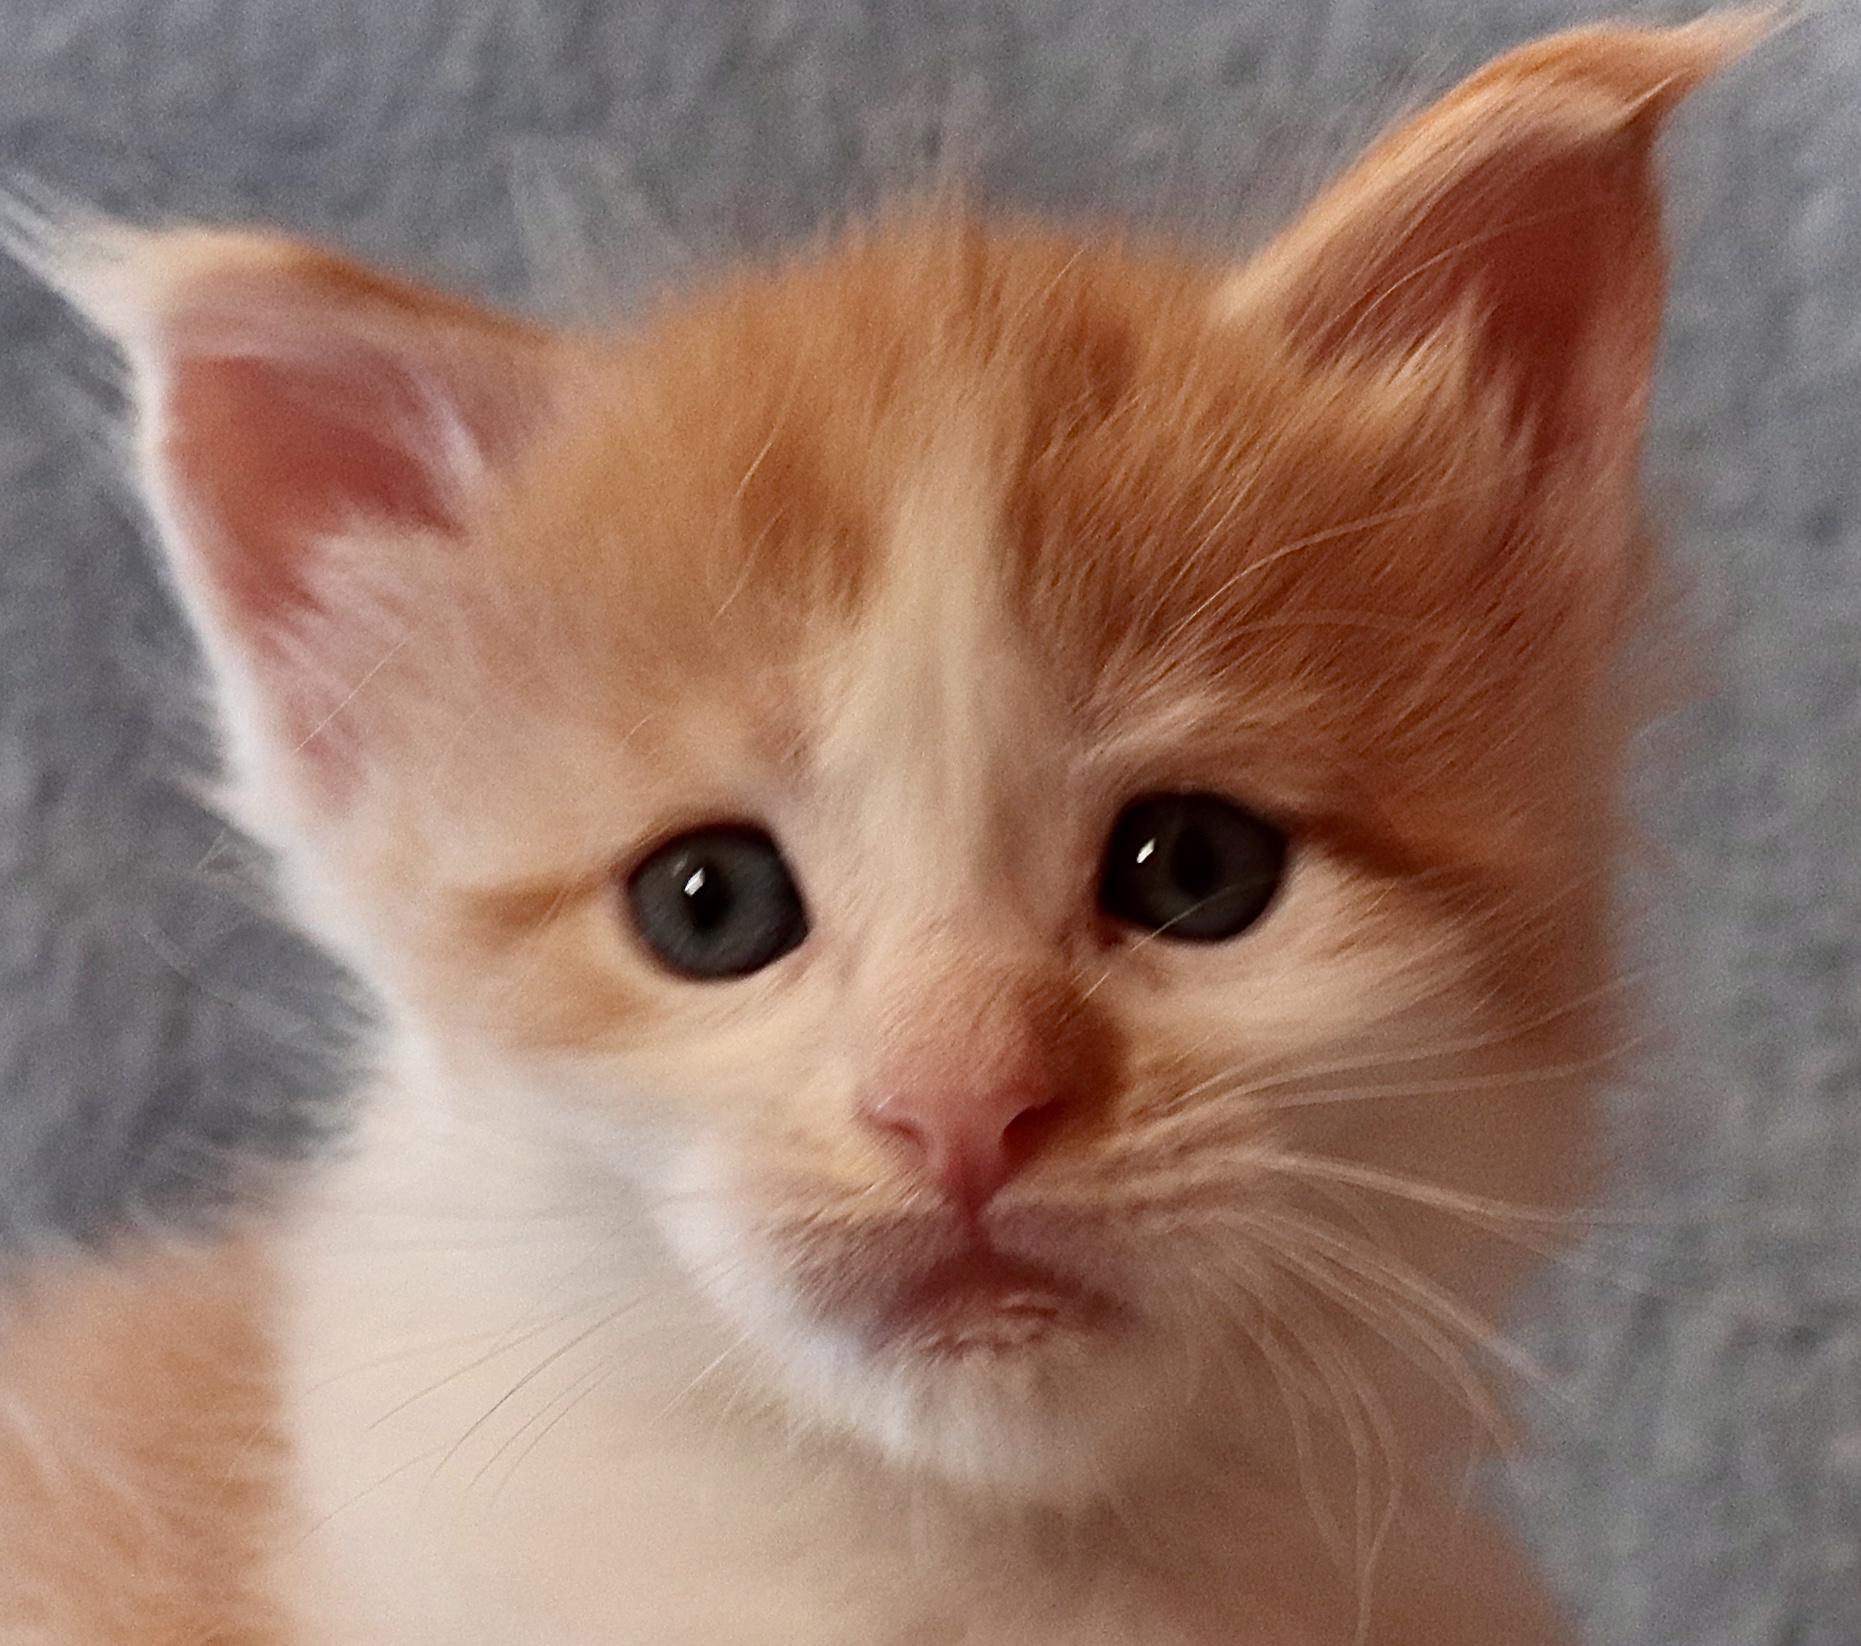 fotka kočky VRH K: KEWIN VON ERILLIAN*CZ